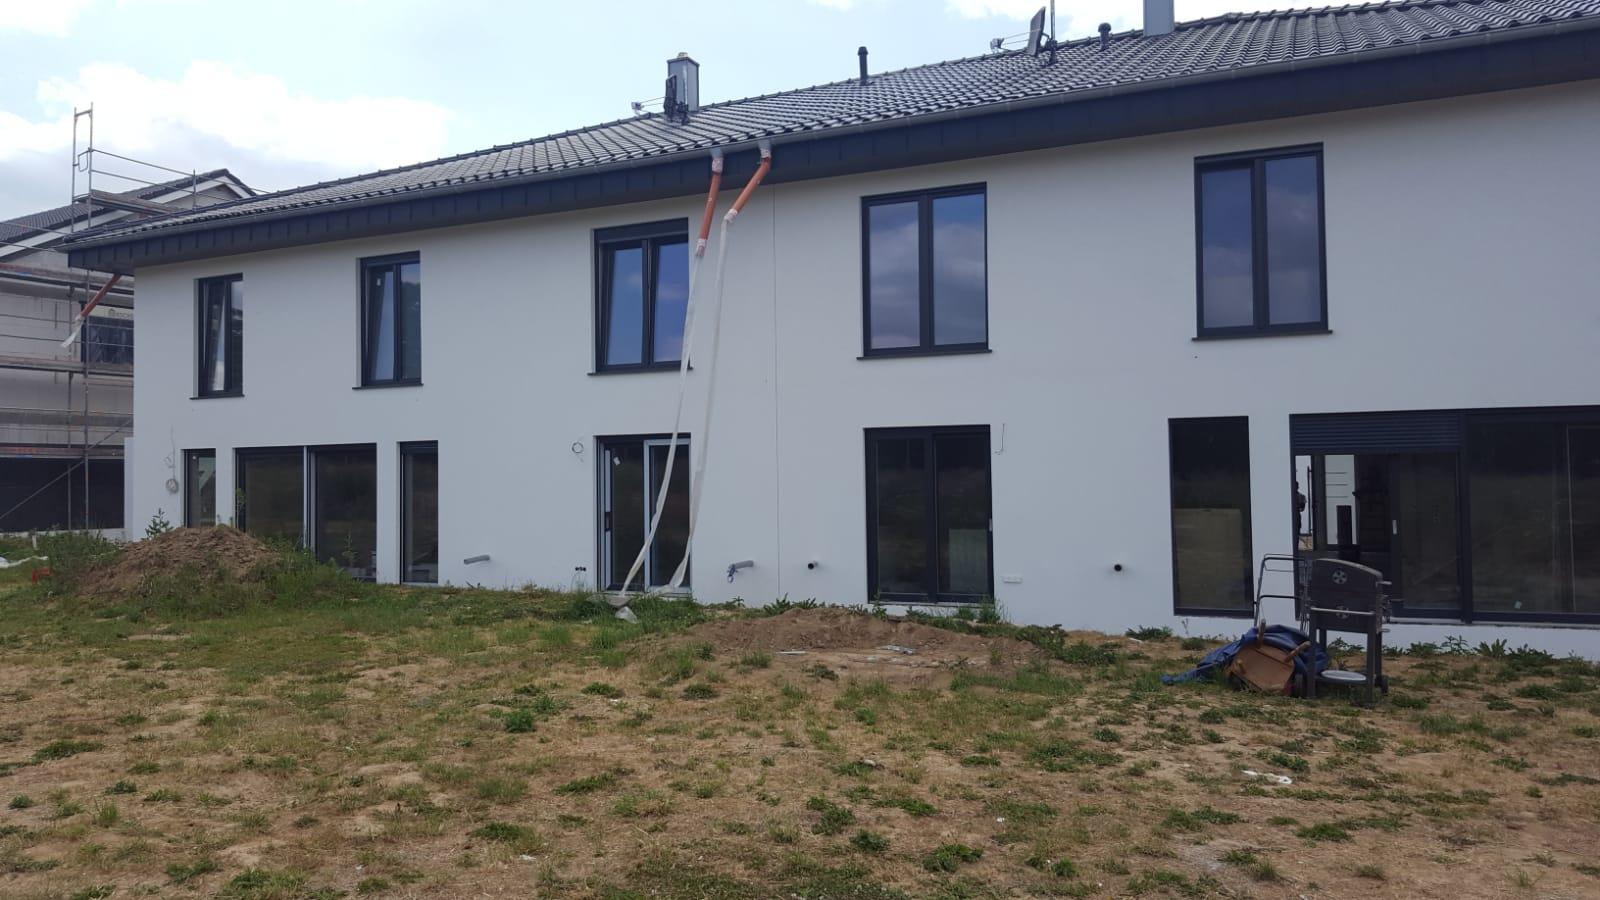 Bauplanung Neubaugebiet Baesweiler